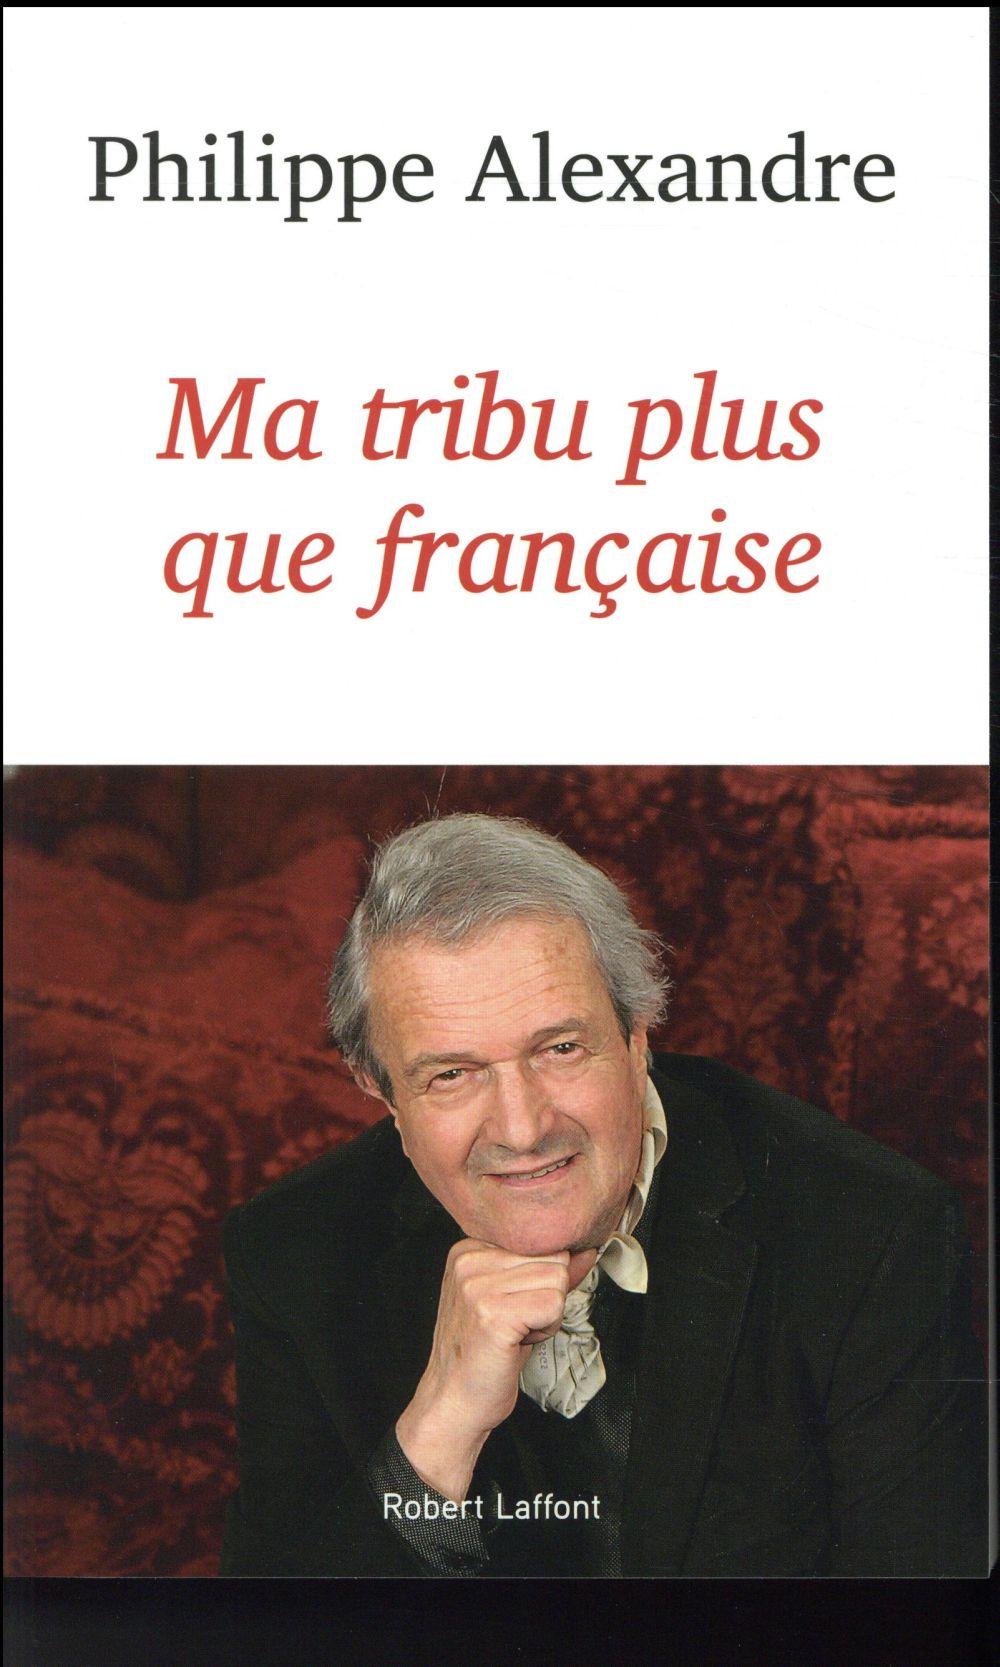 MA TRIBU PLUS QUE FRANCAISE